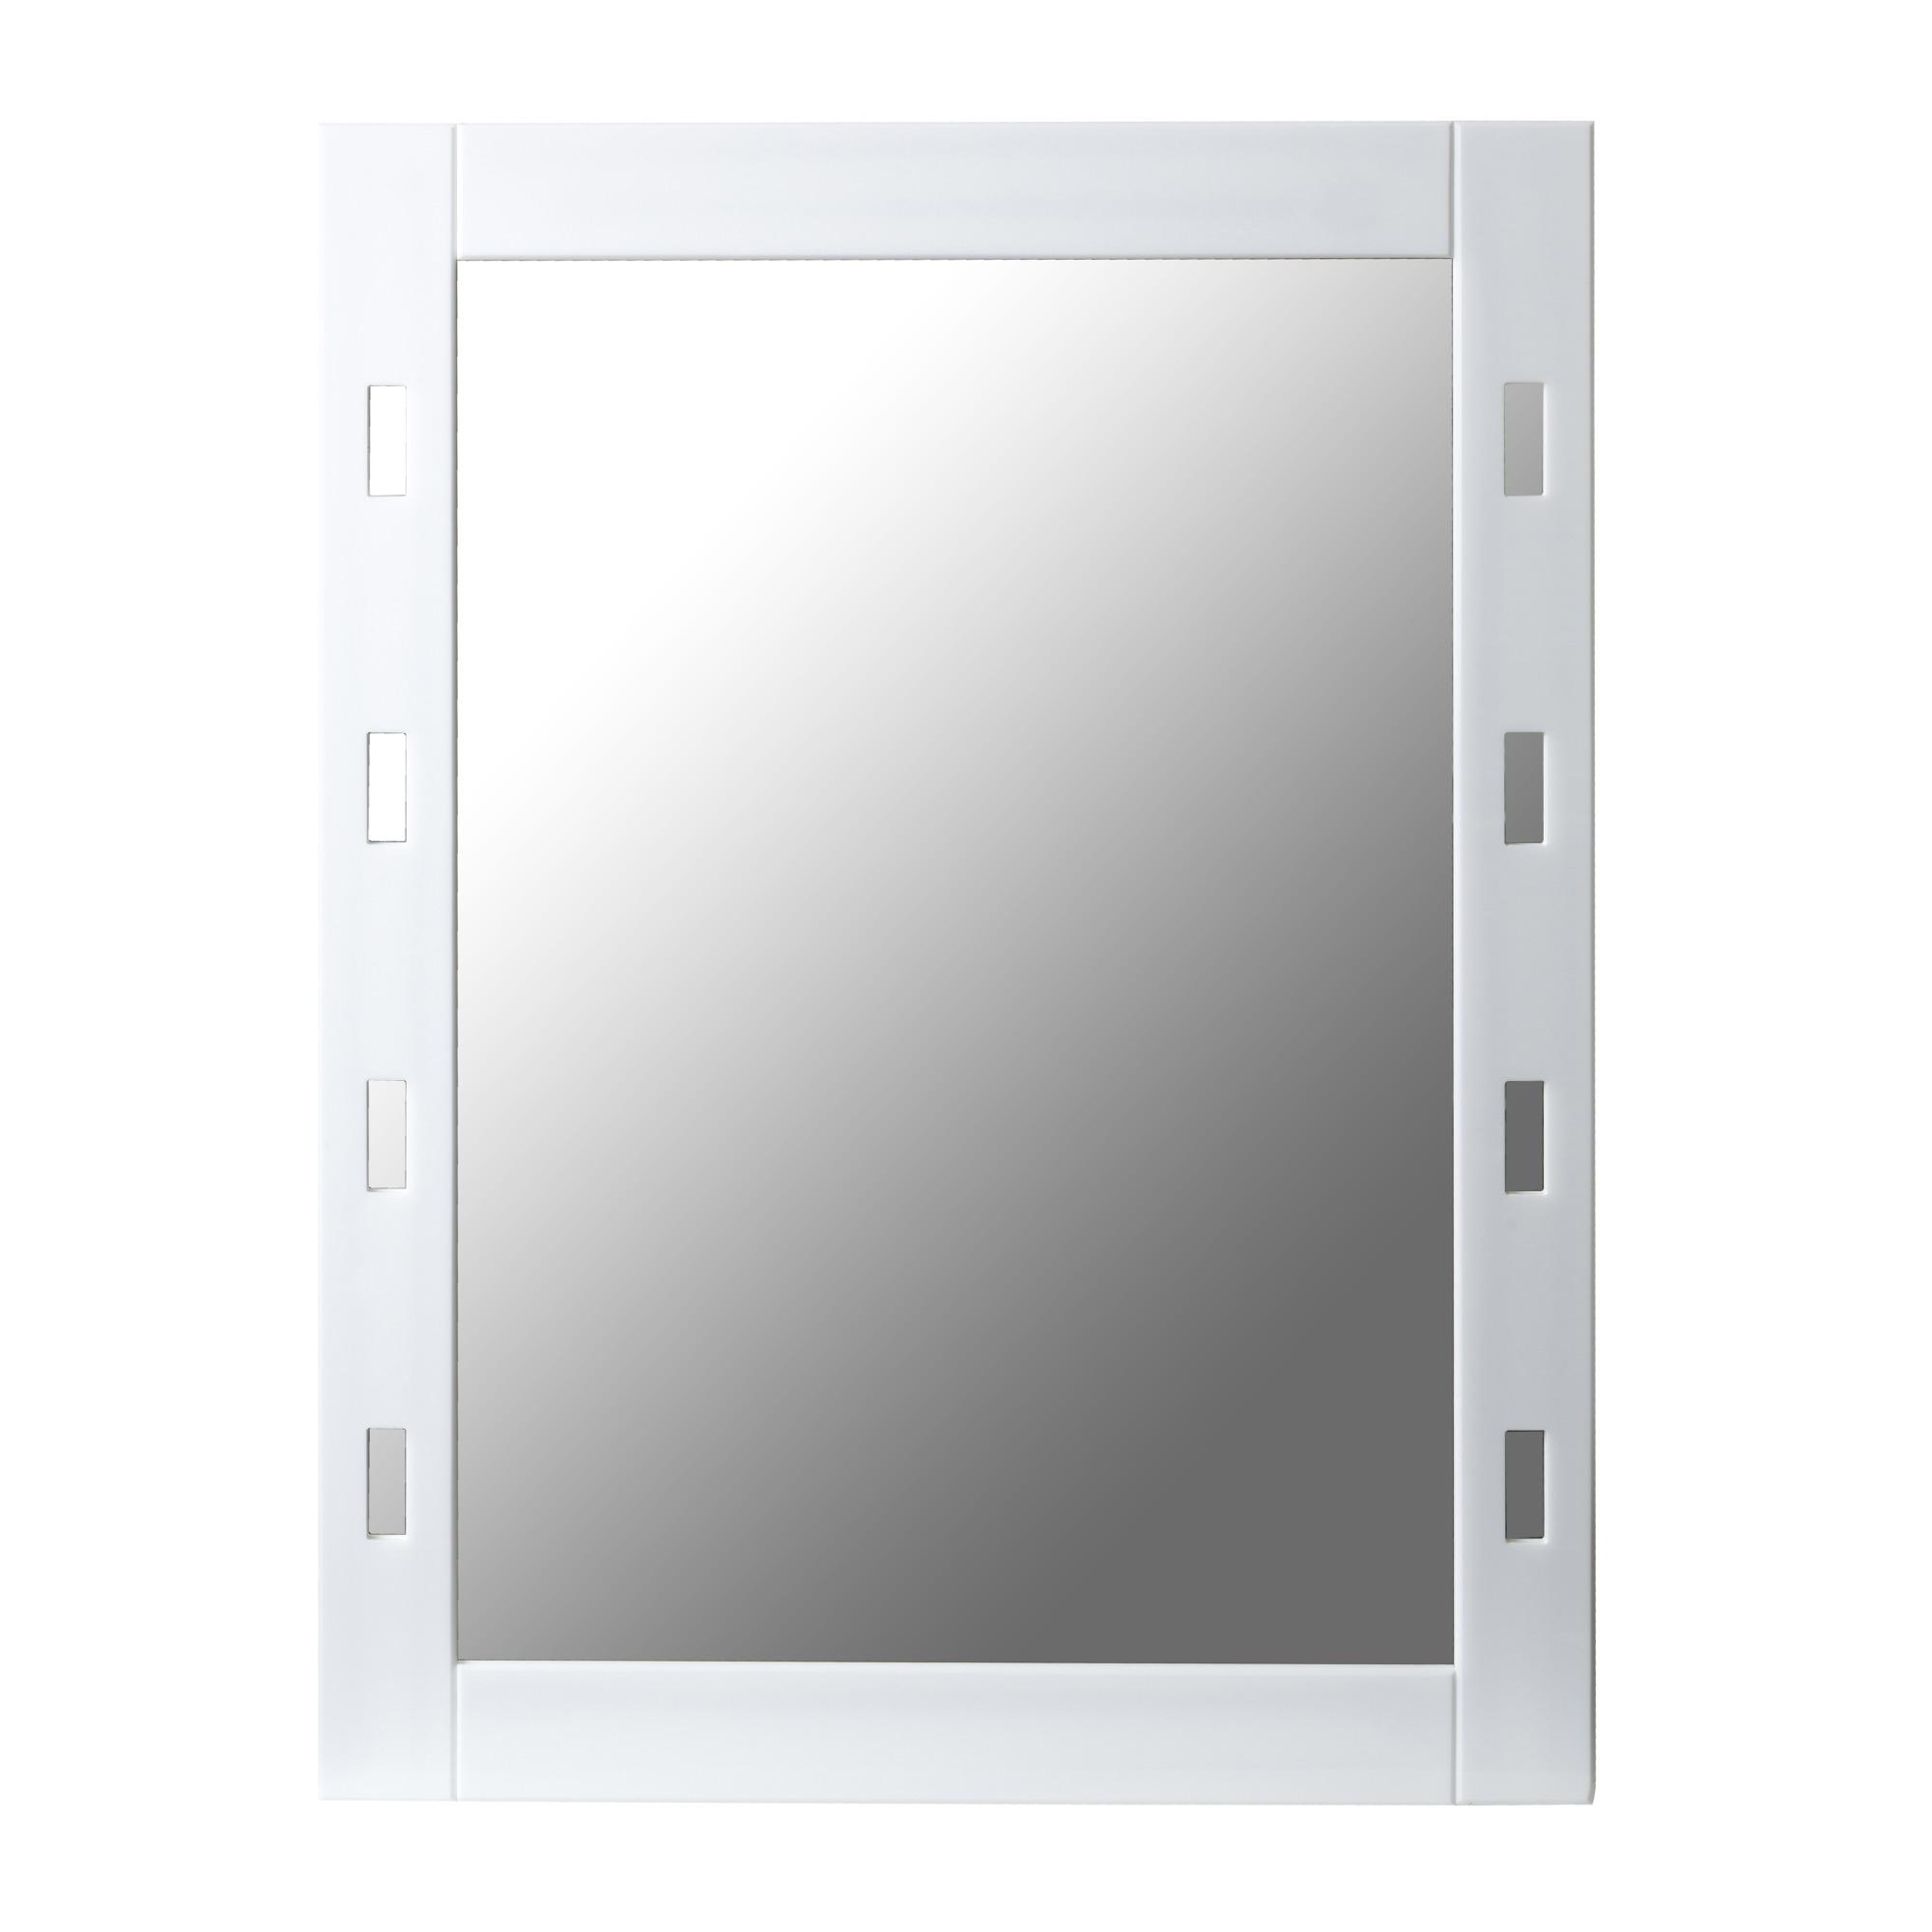 Espelho para Parede Retangular 15mm 60x45 cm com Moldura - Formacrill